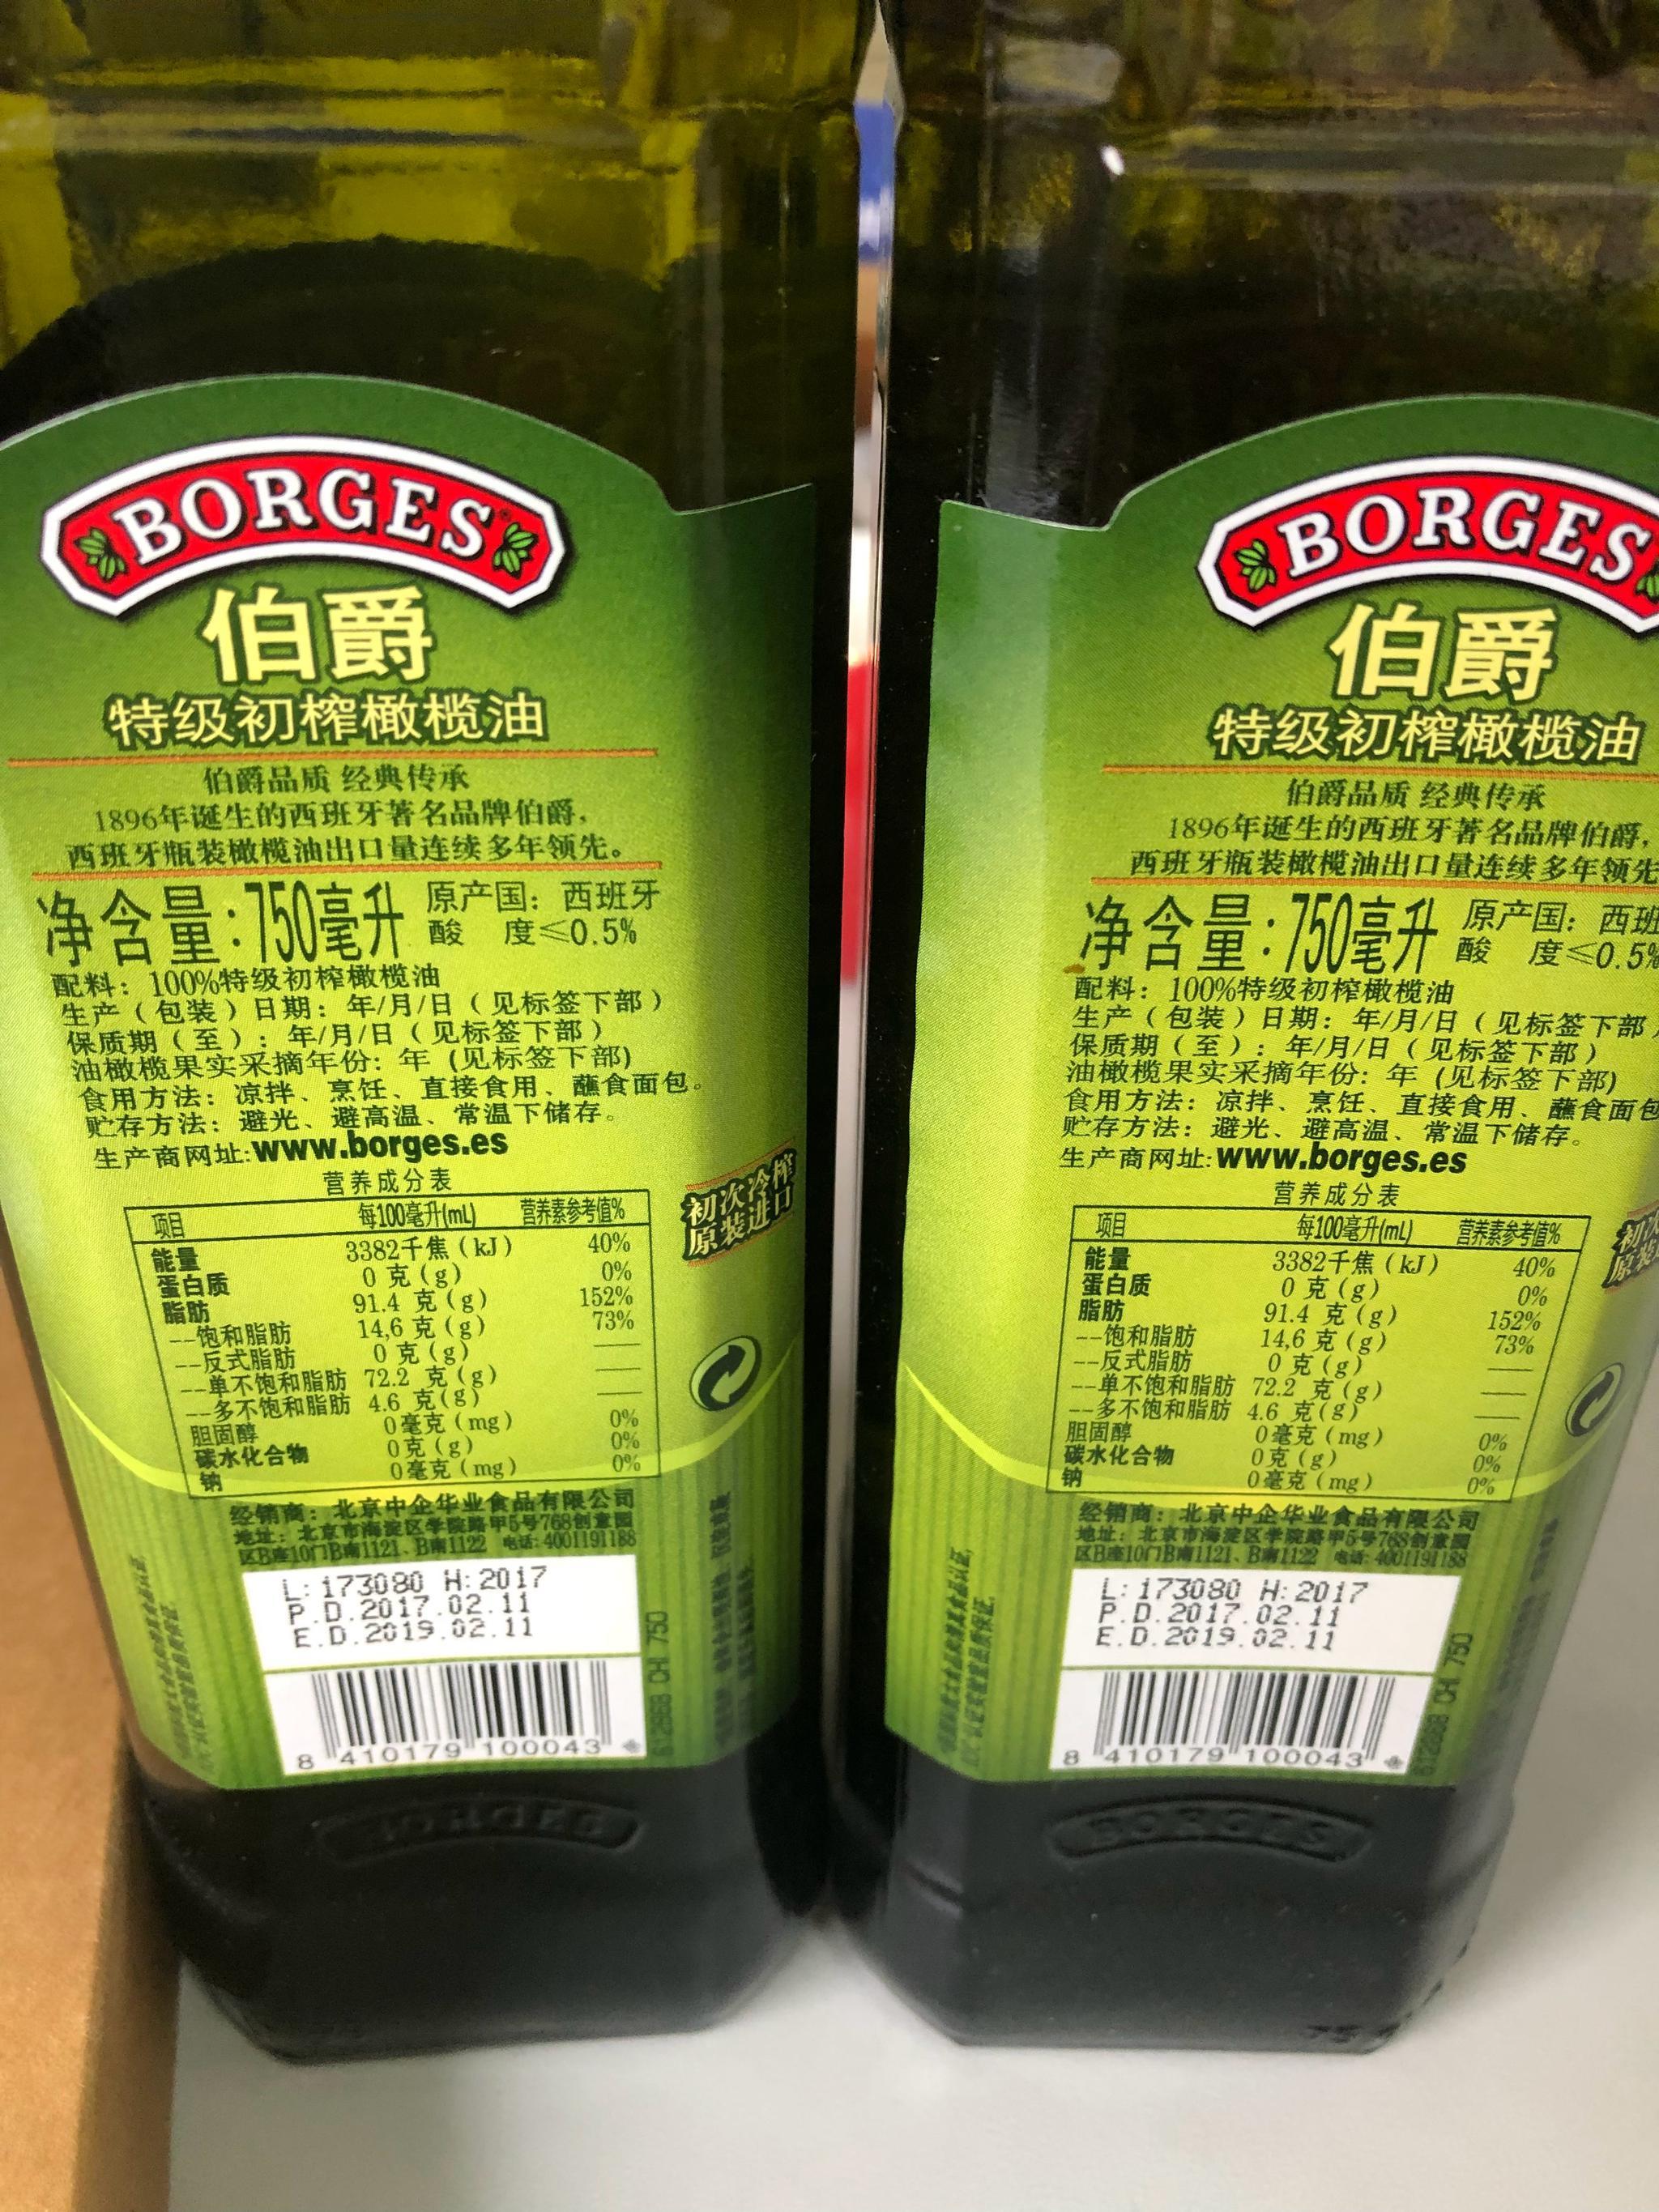 从我的柜子里翻出两瓶过期橄榄油和一盒过期茶叶